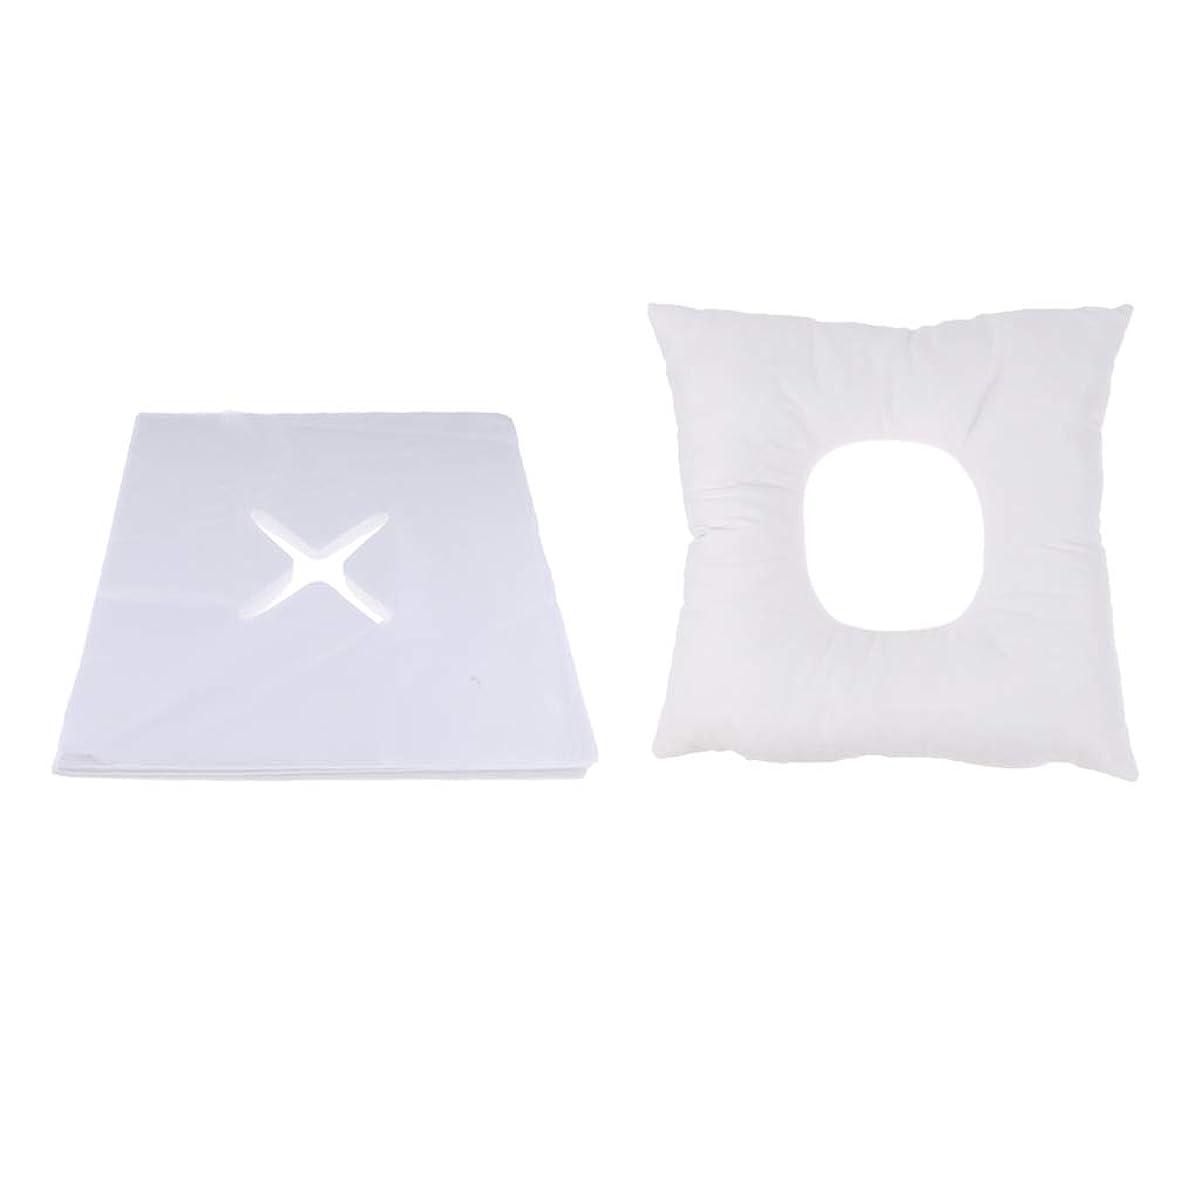 汚い先生反動マッサージ枕 顔枕 フェイスマット フェイスピロー 200個使い捨てカバー付 マッサージテーブル用 快適